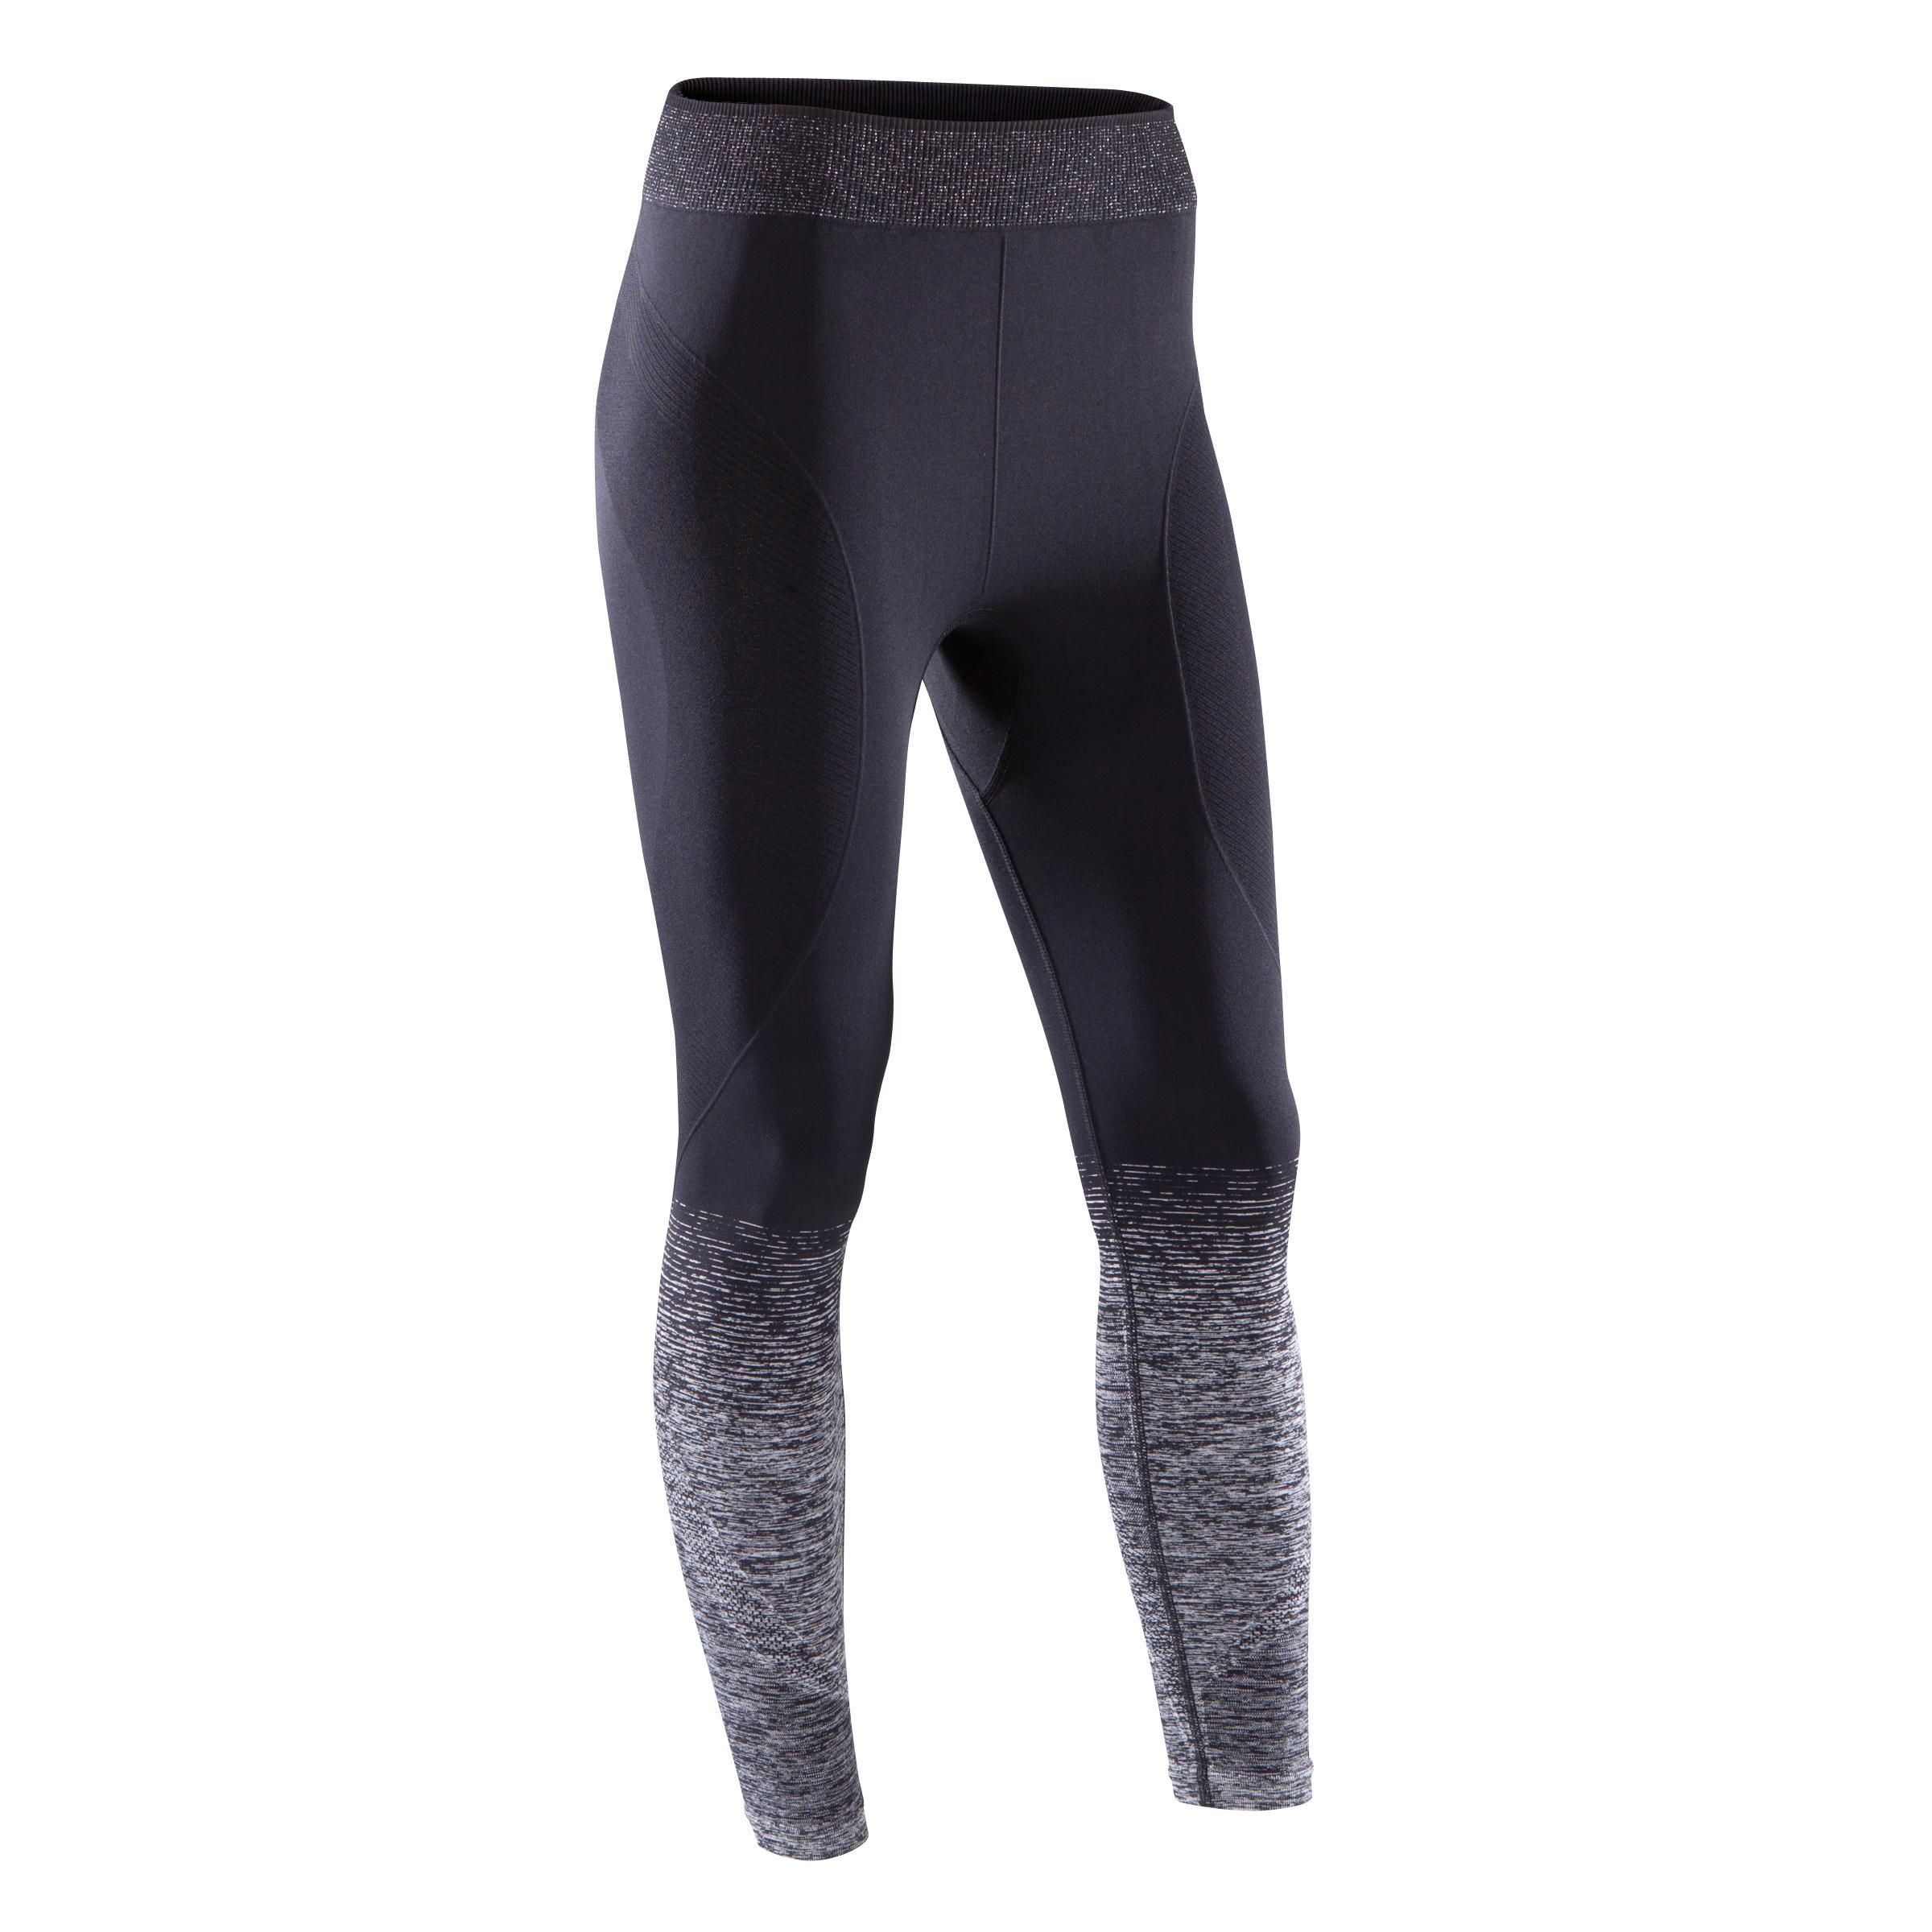 Legging YOGA sans coutures femme 7/8 noir/argent